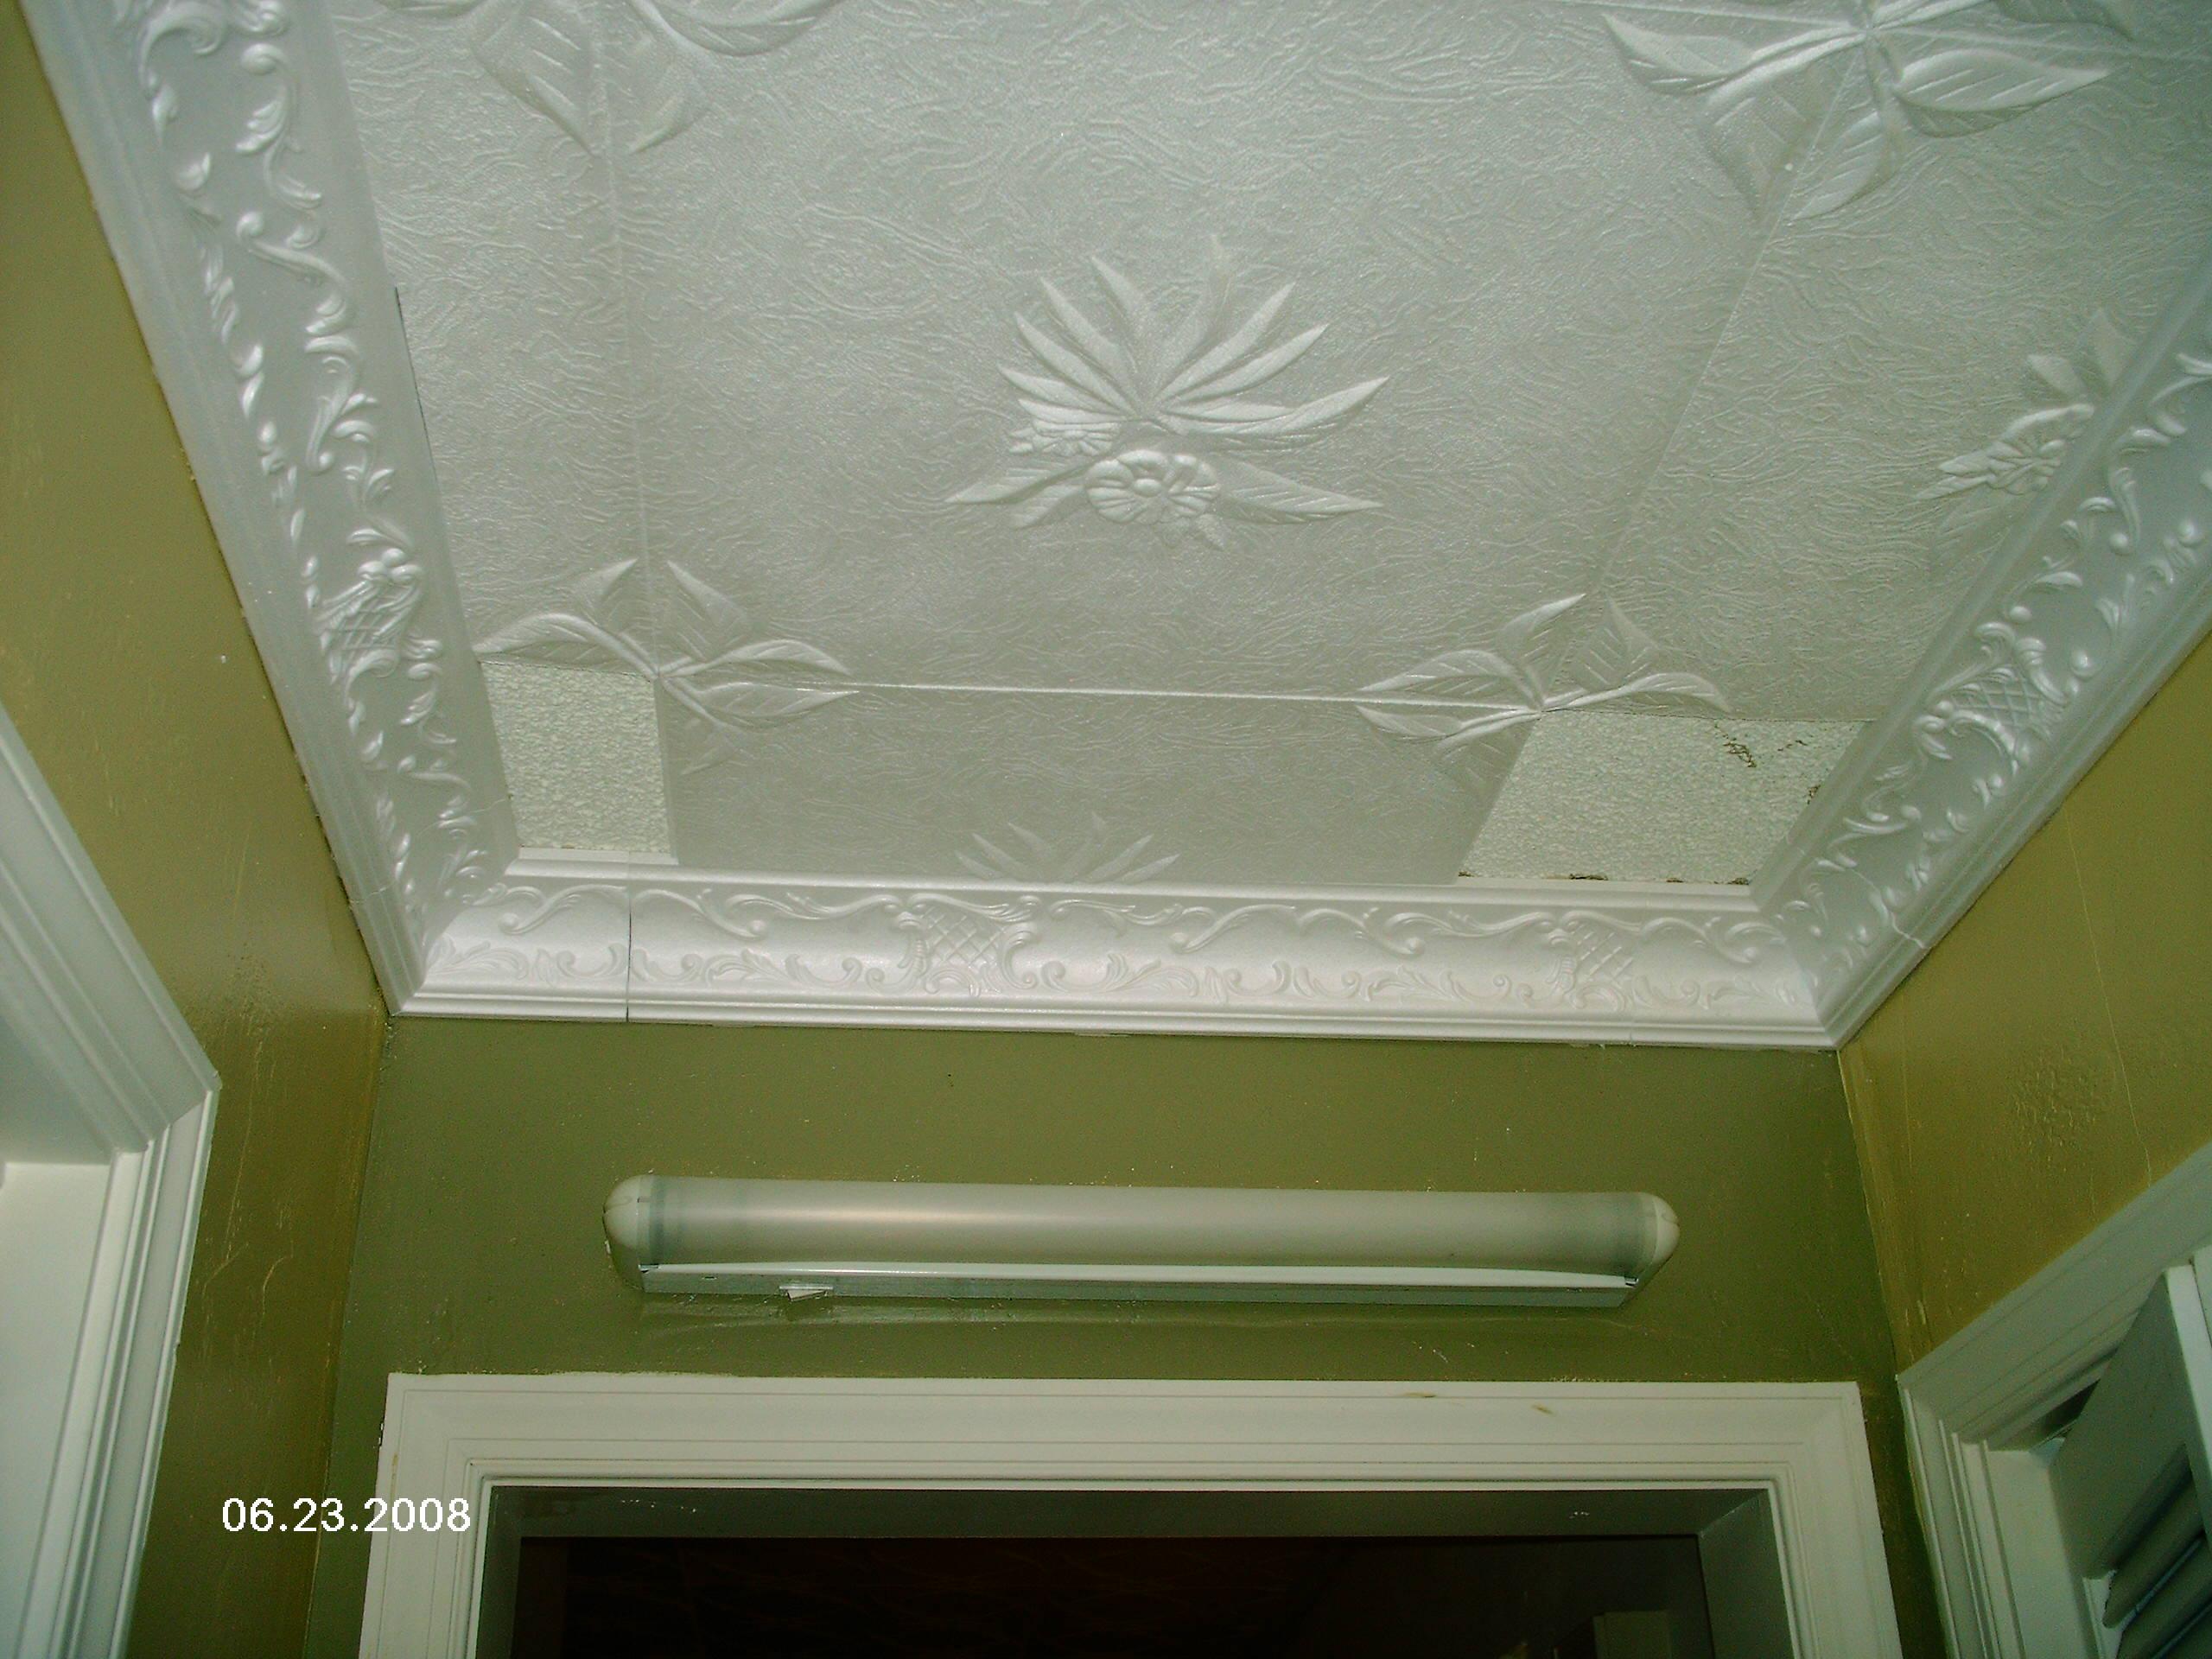 Styrofoam Molding Installed